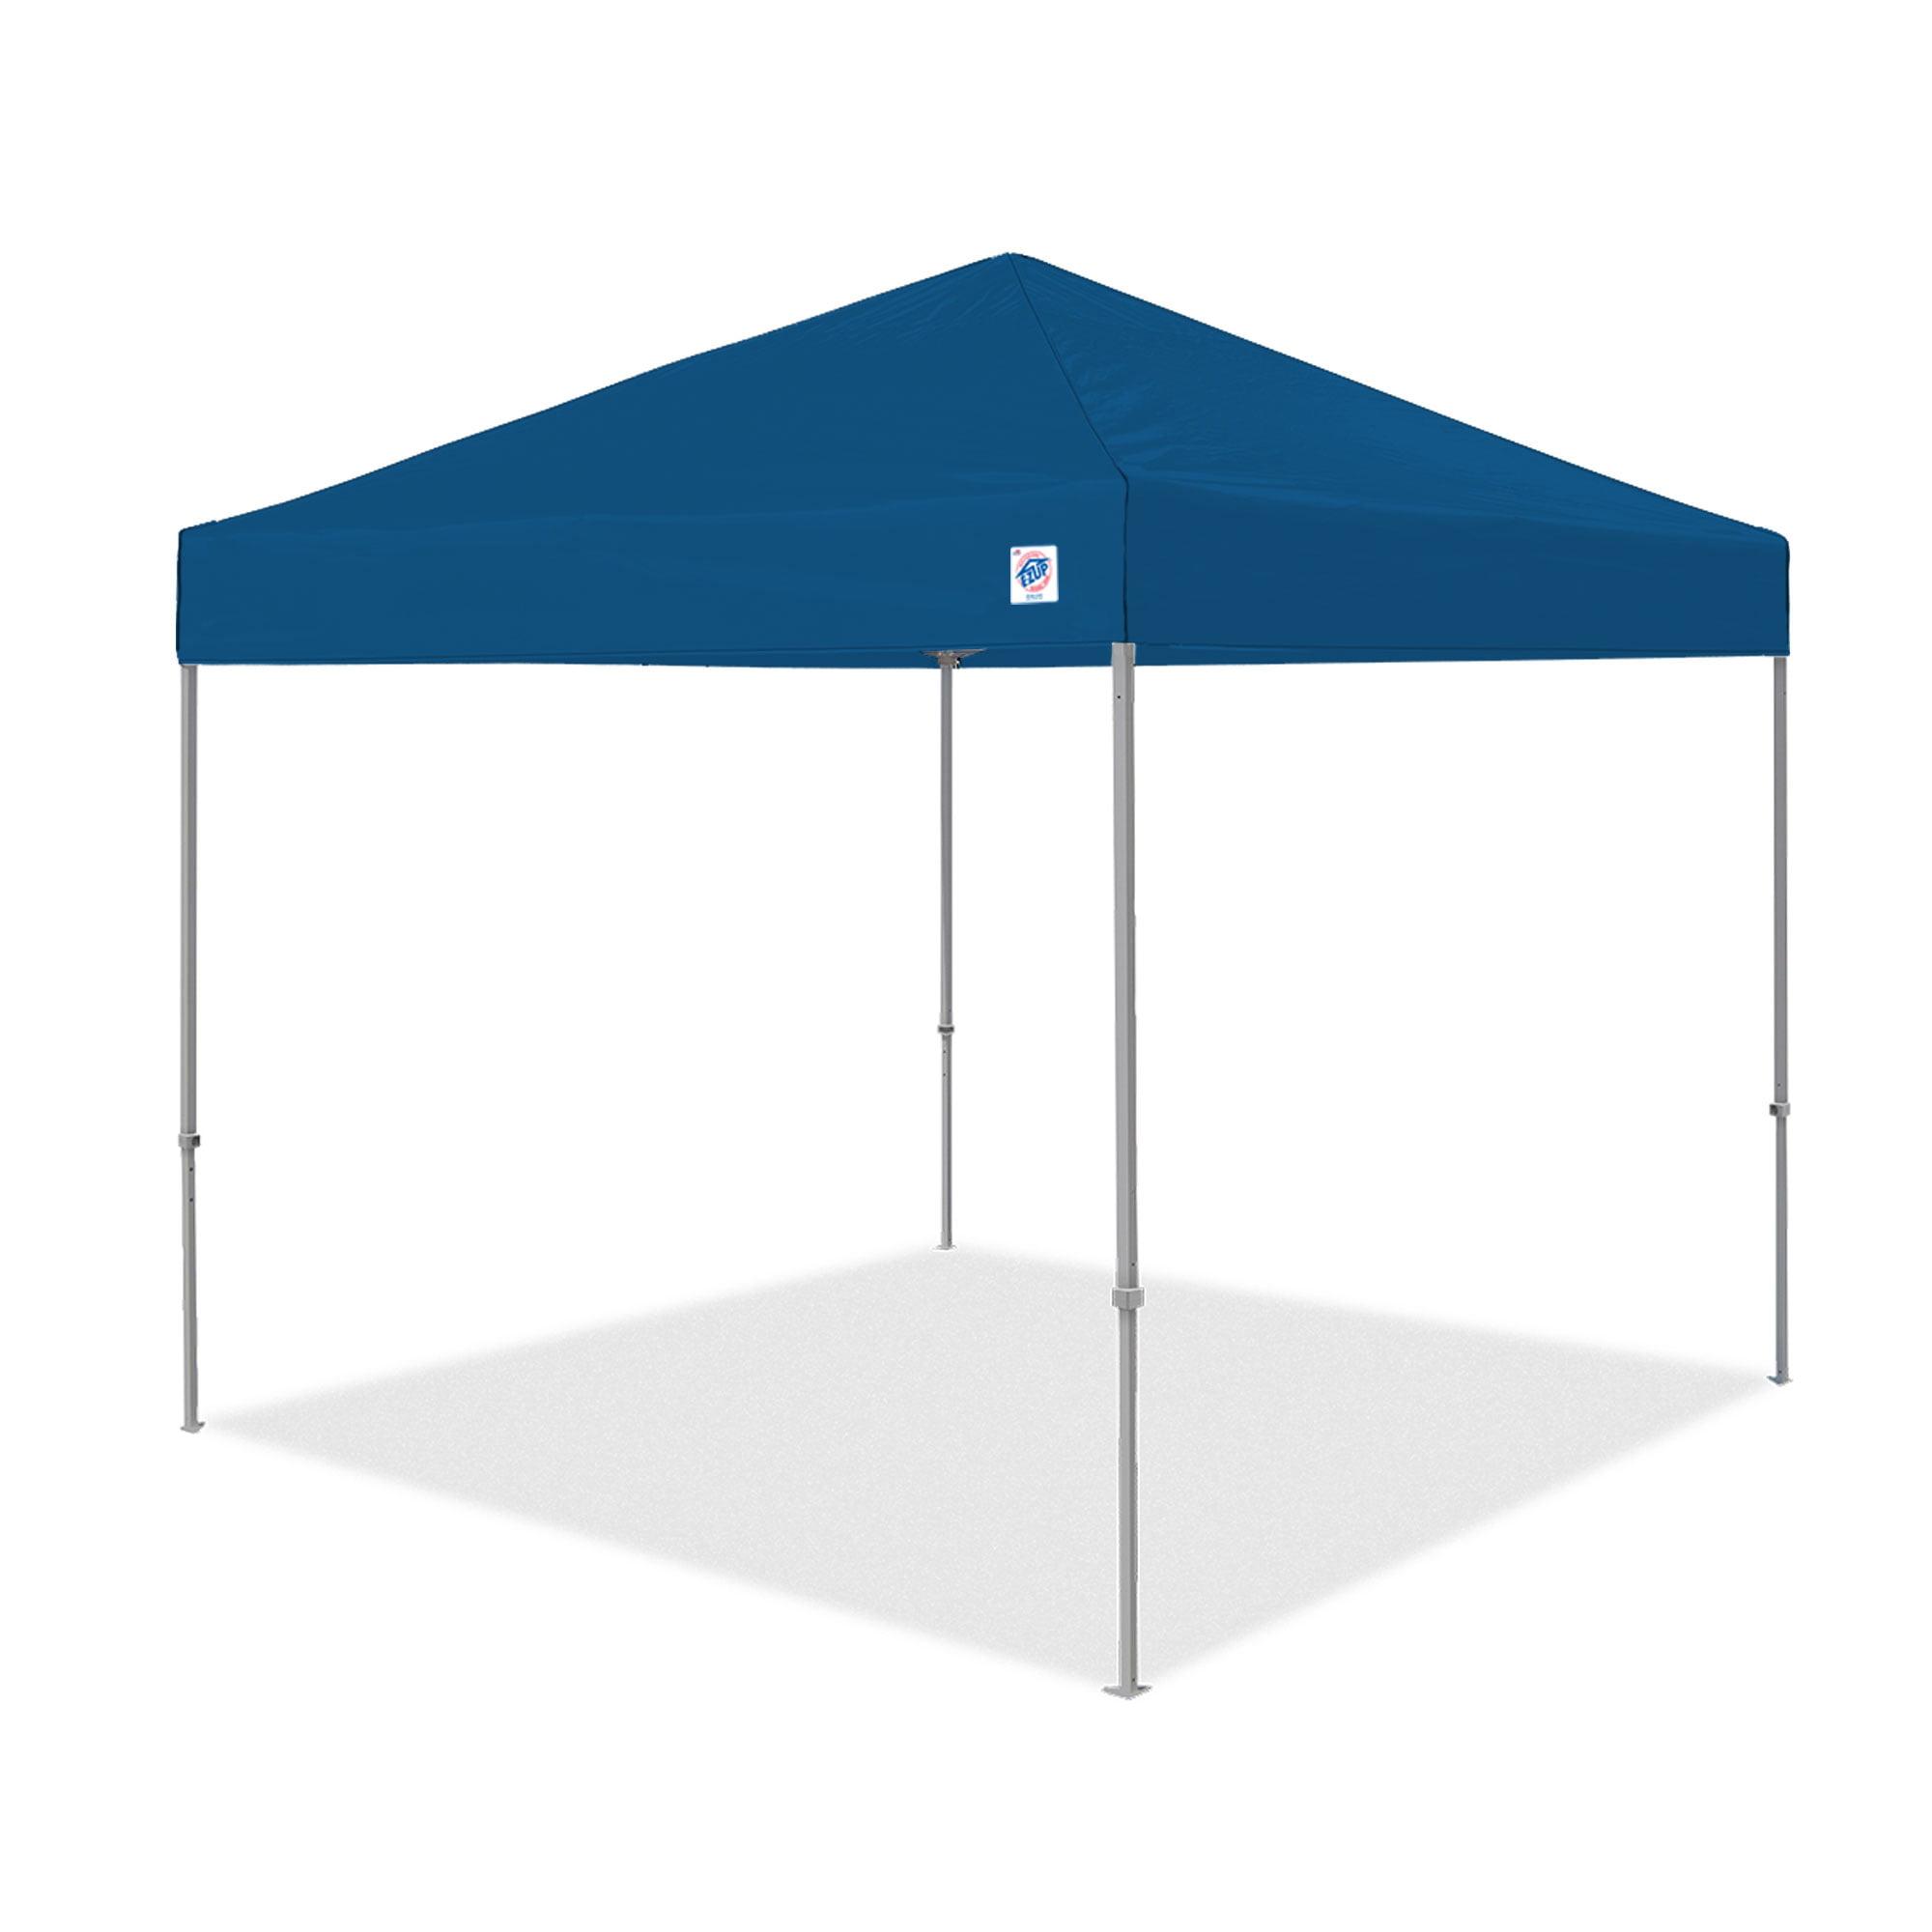 E-Z UP Envoy Instant Shelter Canopy, 10 x 10', Blue by International E-Z UP®, Inc